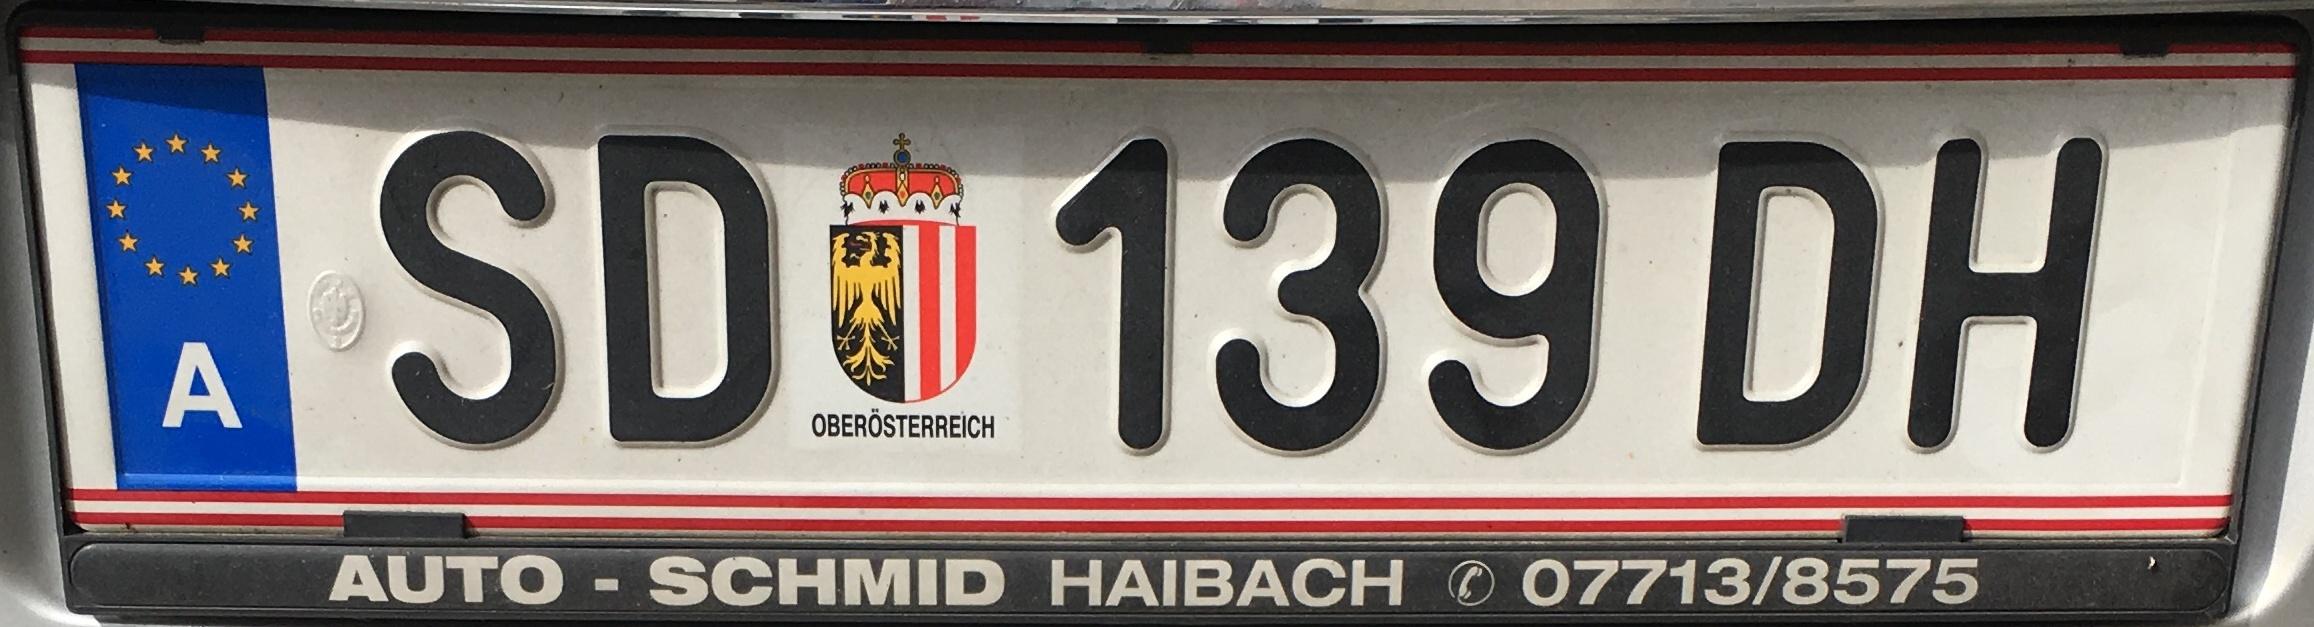 Registrační značka Rakousko - SD - Schärding, foto: vlastní